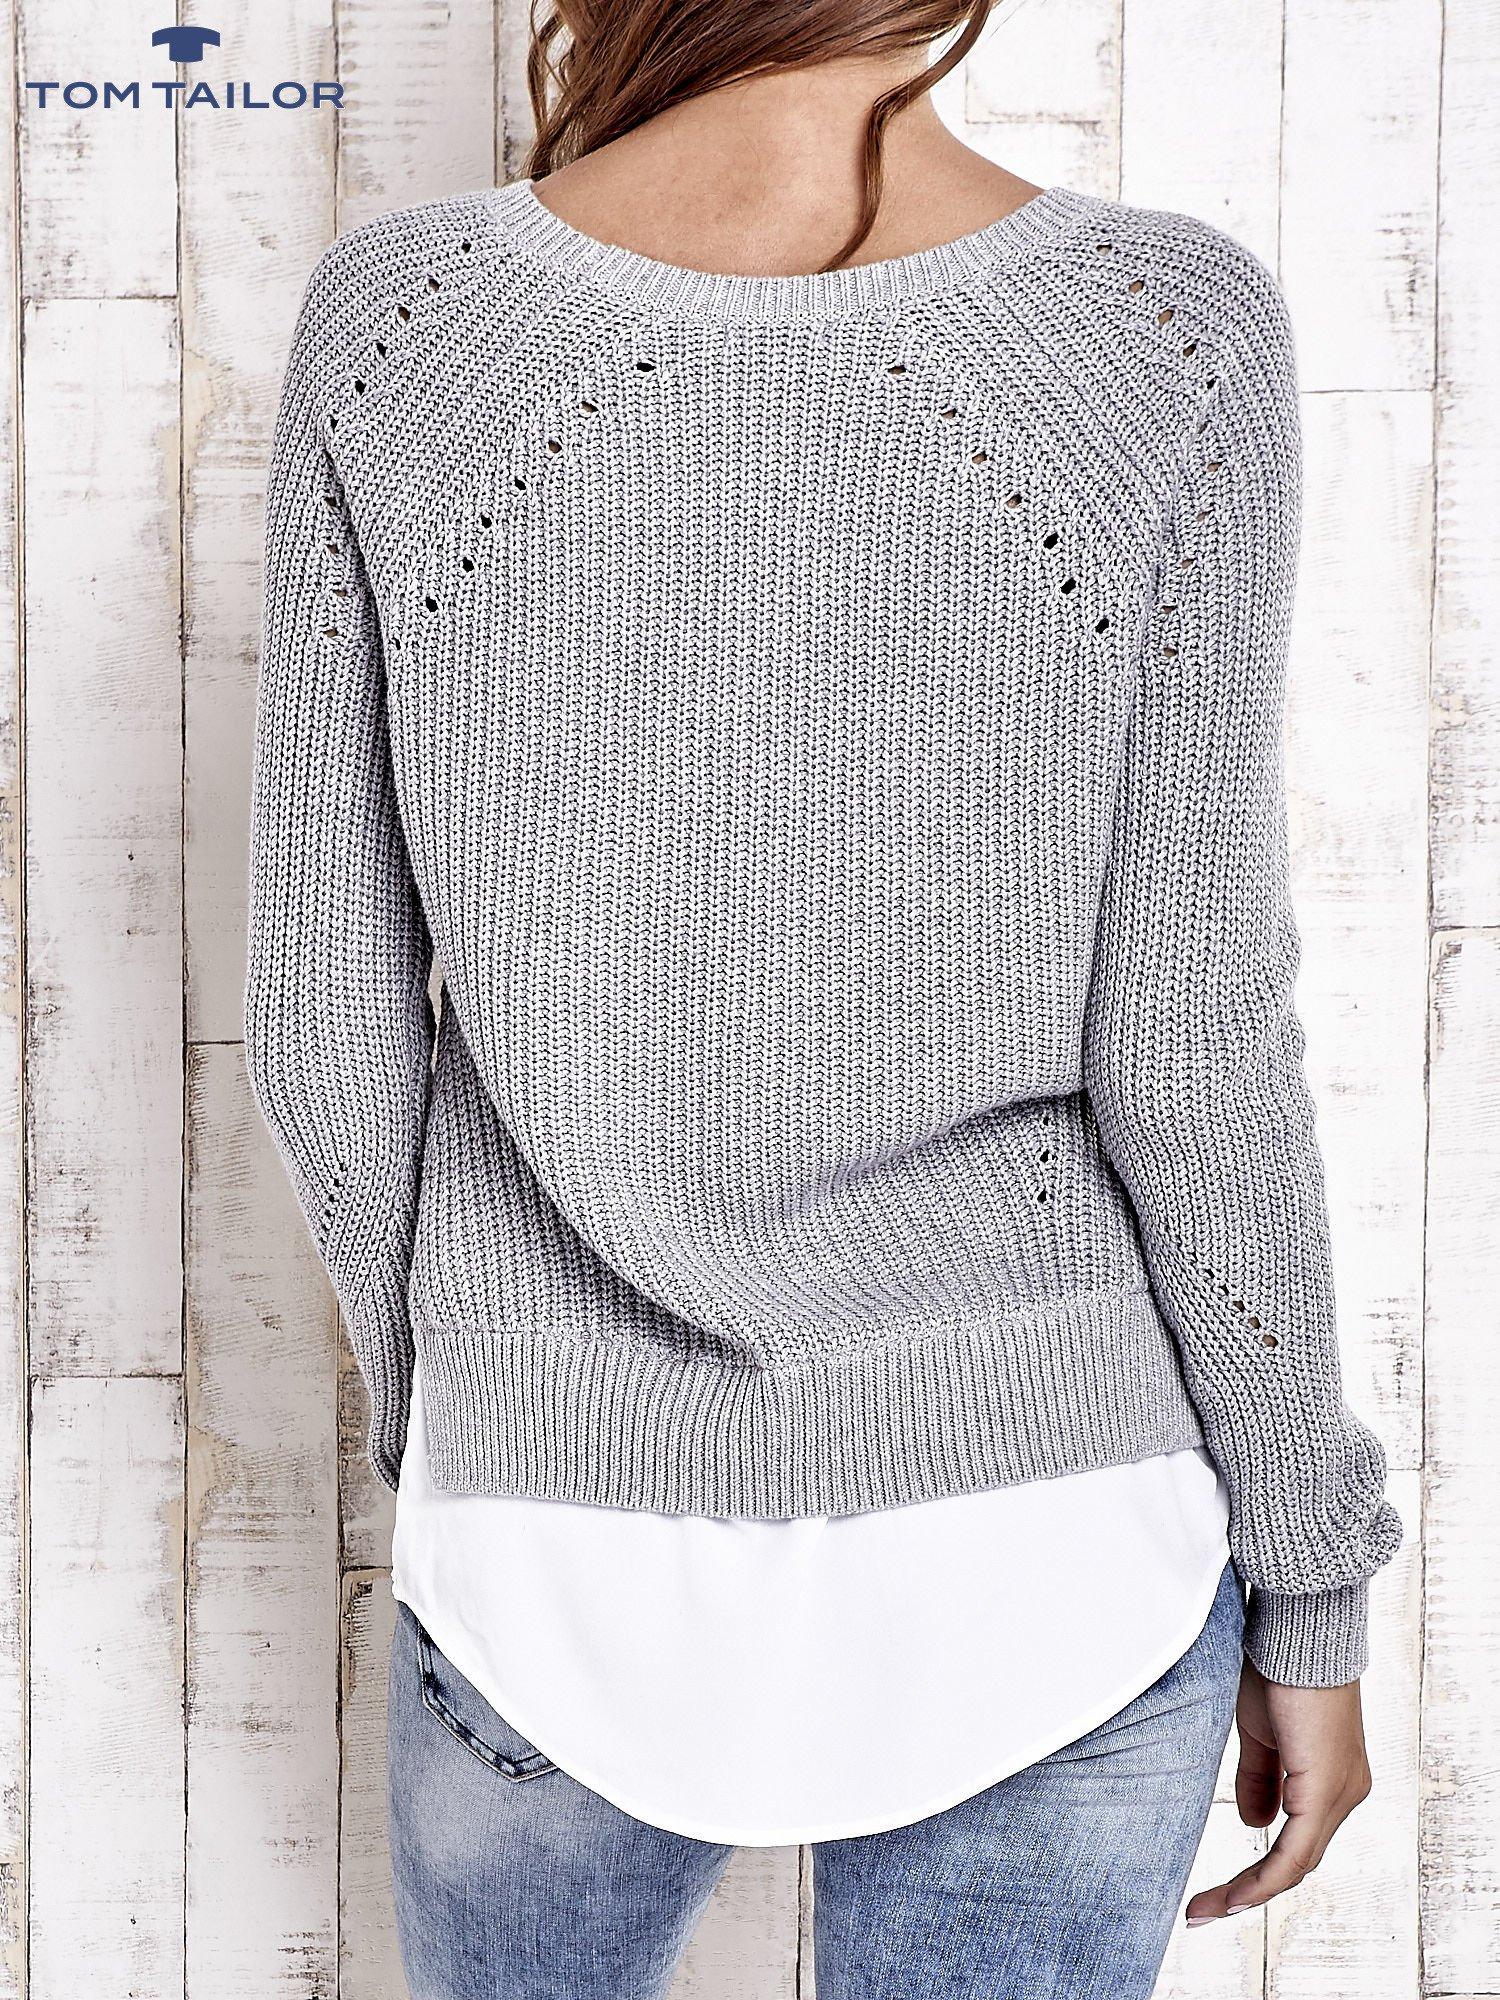 TOM TAILOR Szary sweter z koszulą                                  zdj.                                  3